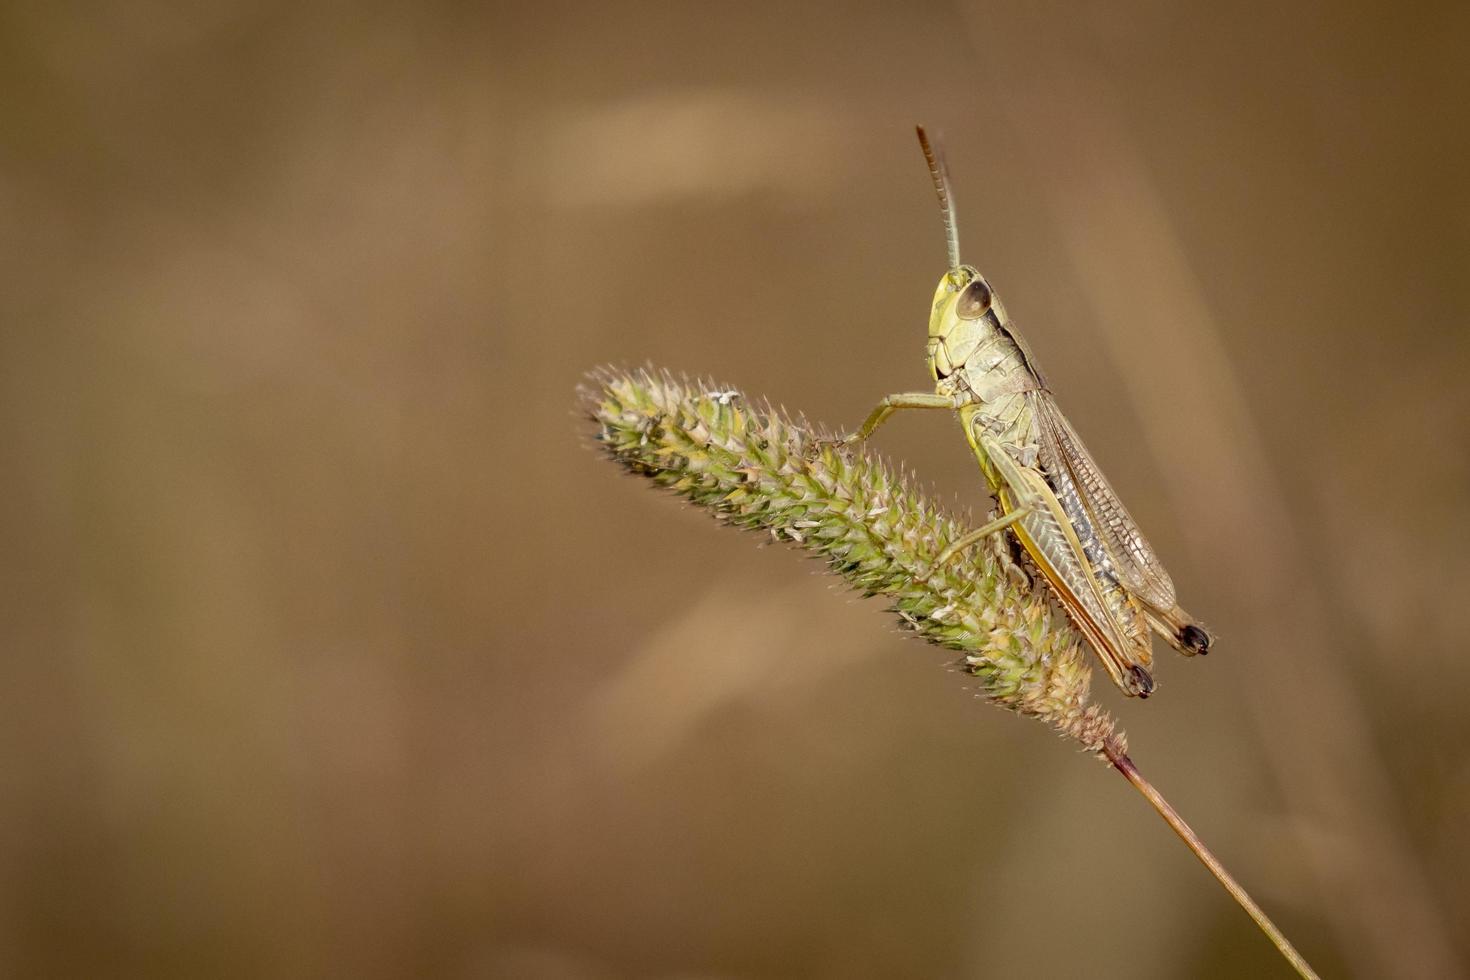 änggräshoppa på ett grässtrå foto